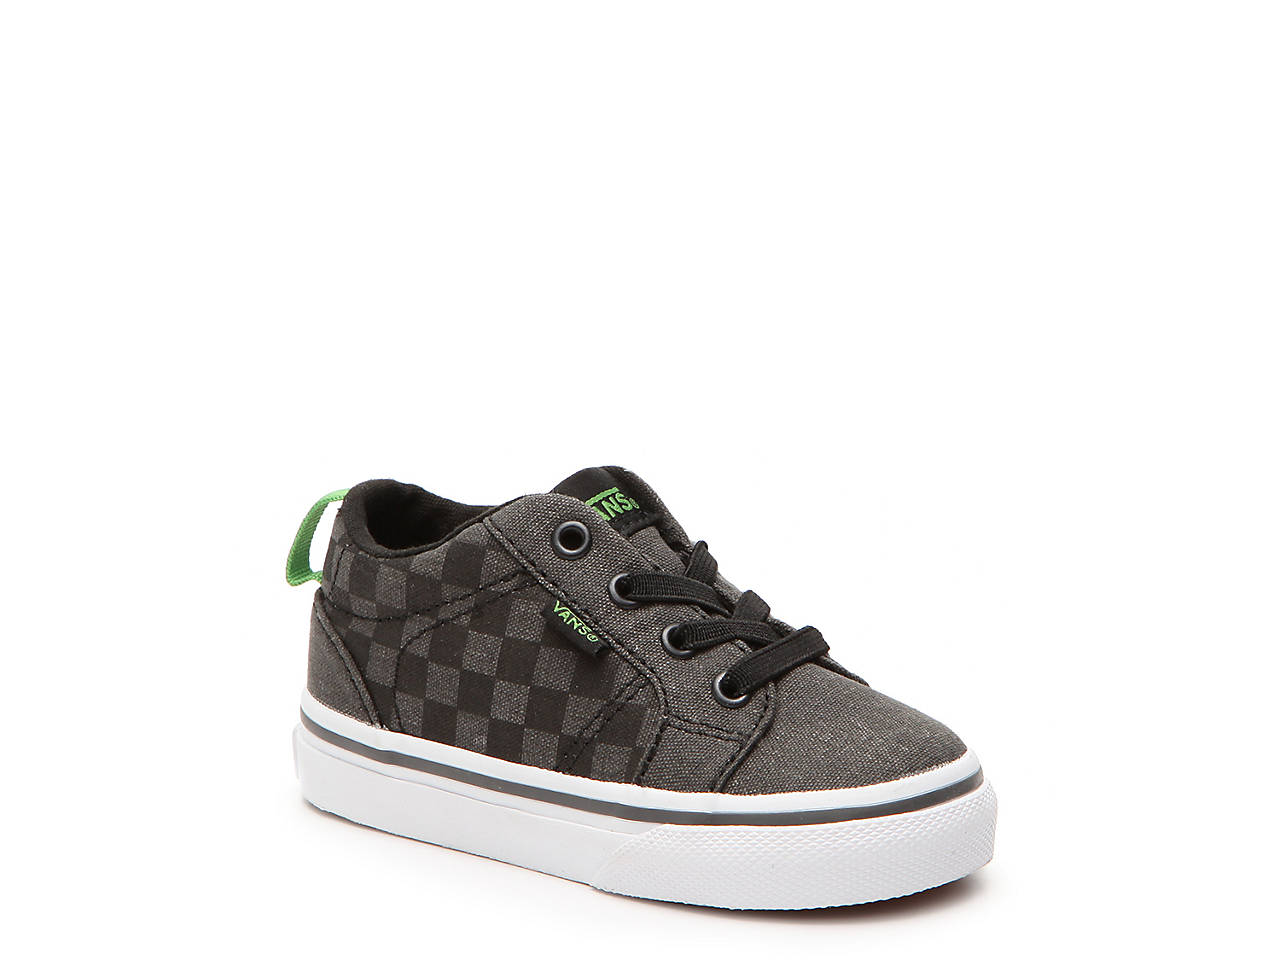 Vans Bishop Infant   Toddler Slip-On Sneaker Kids Shoes  37237cbdb